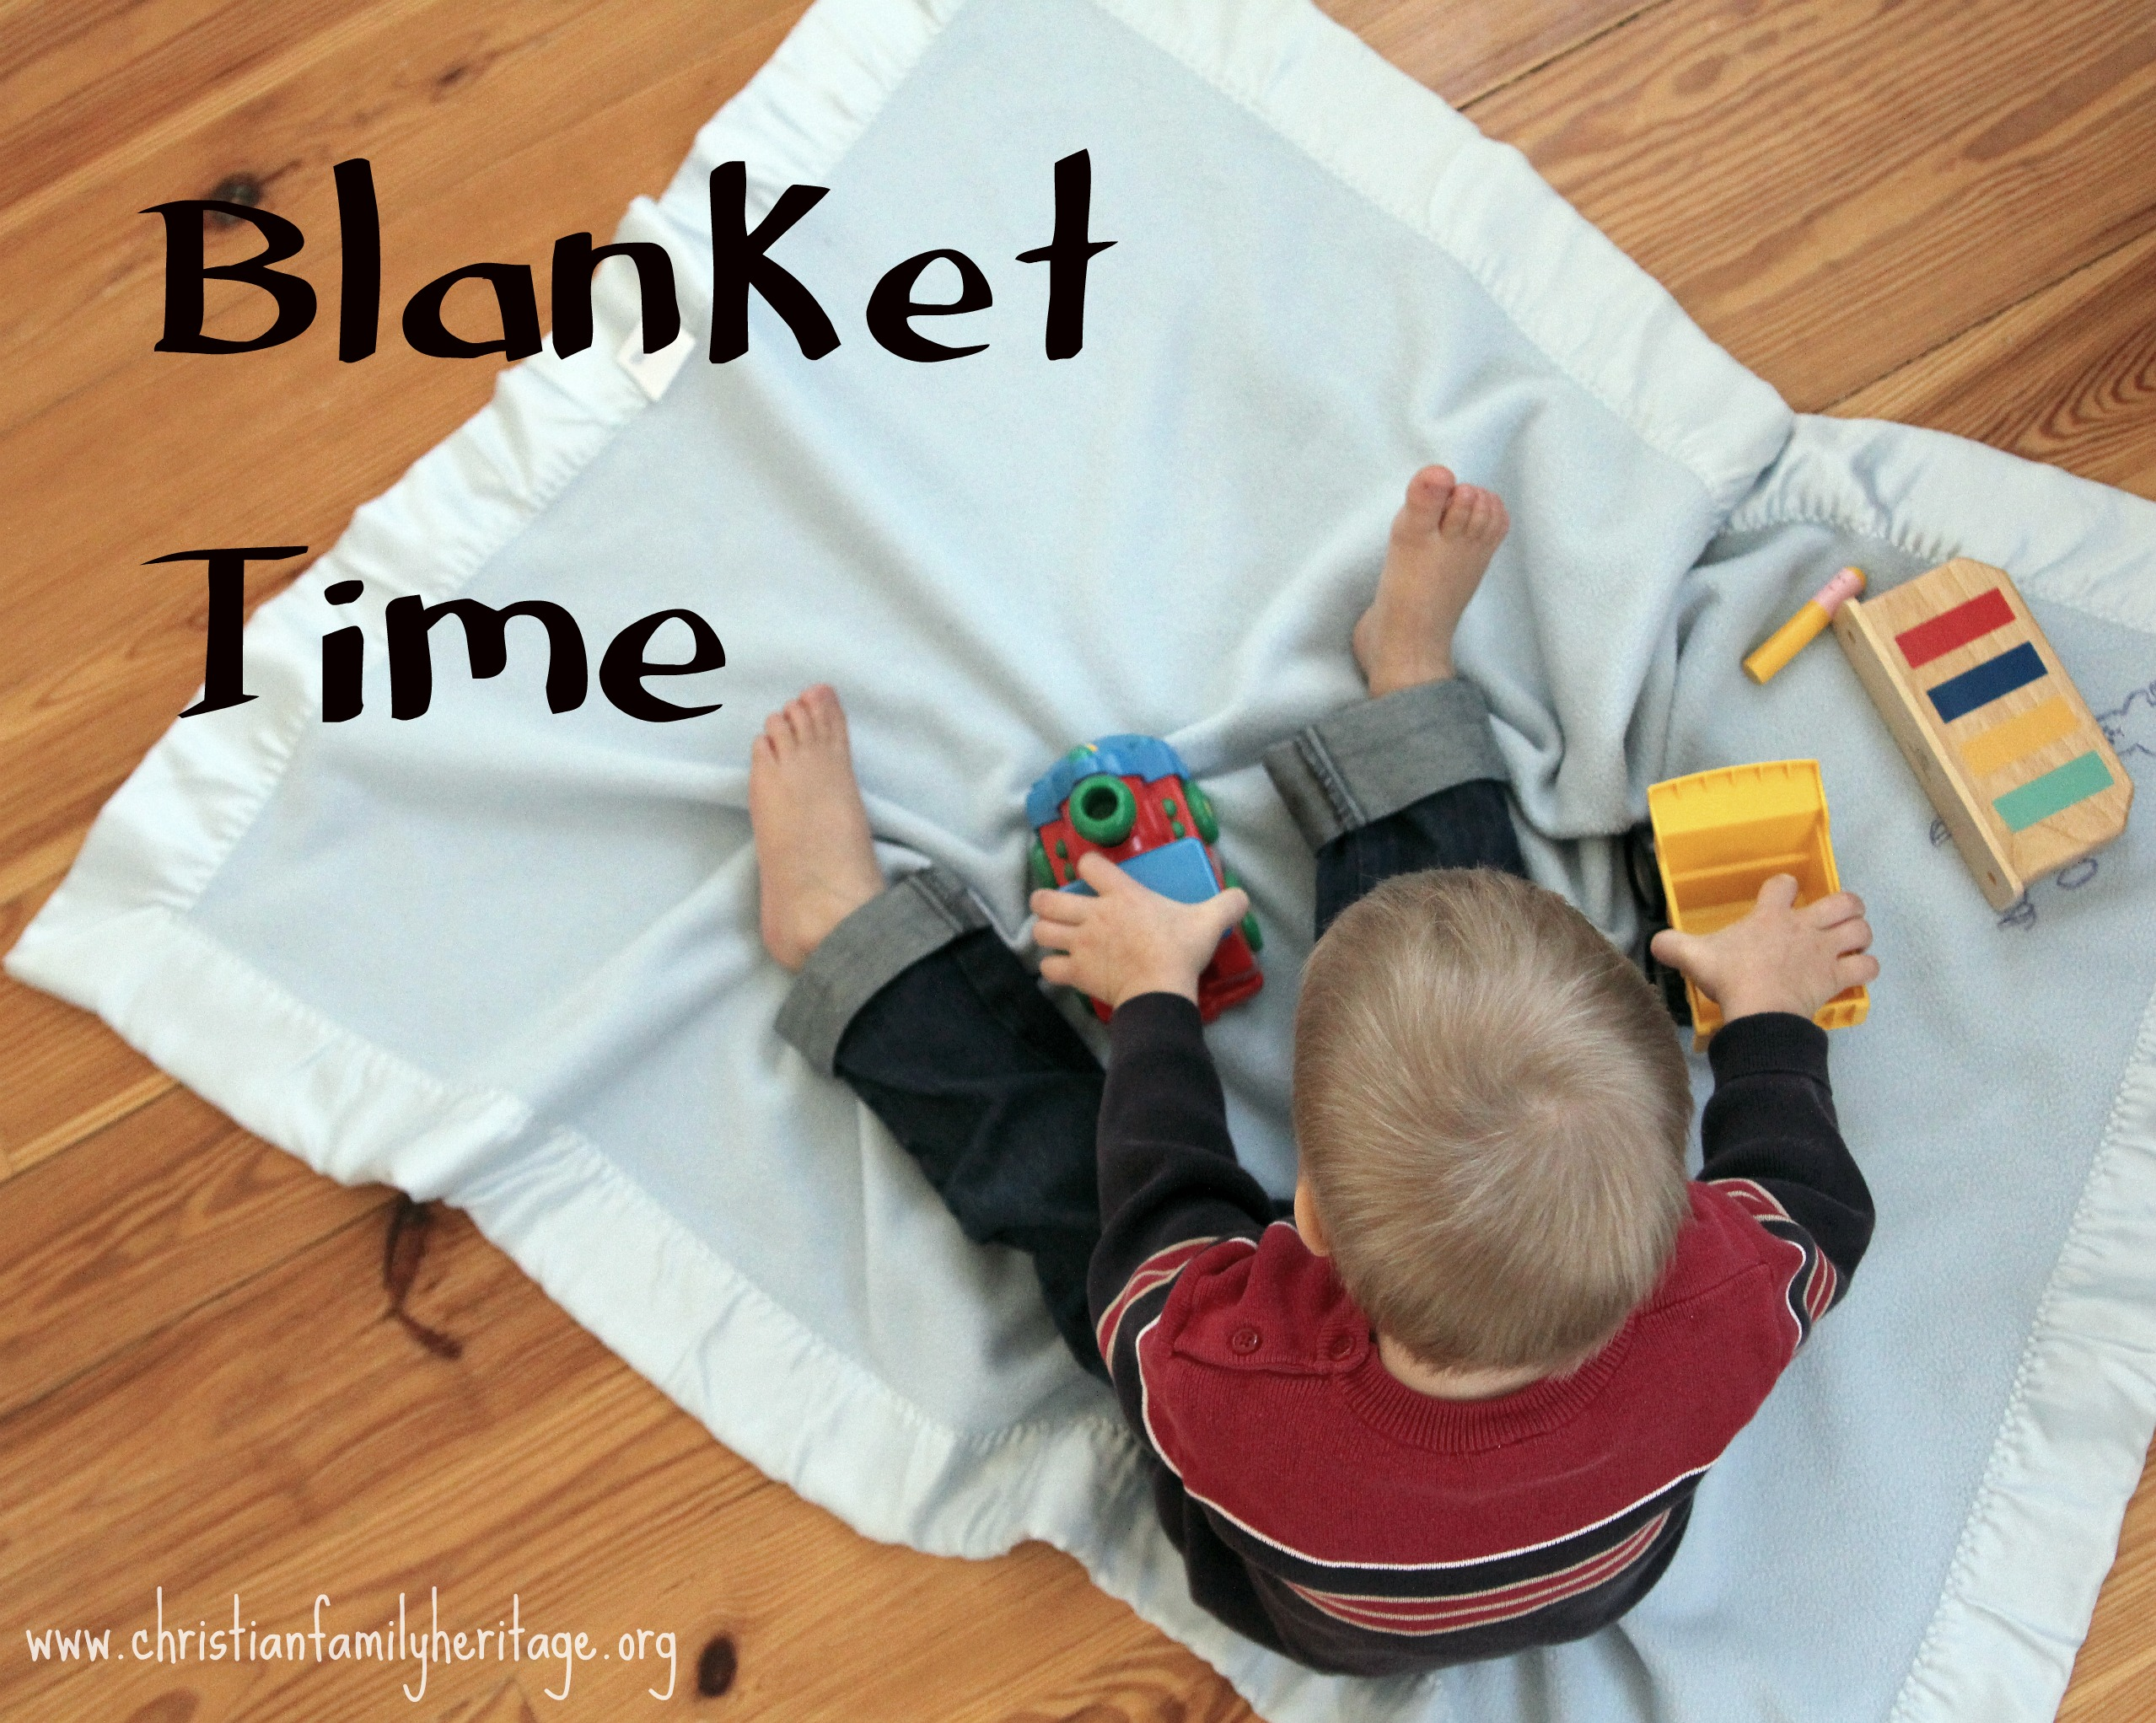 blanket time basics christian family heritage. Black Bedroom Furniture Sets. Home Design Ideas